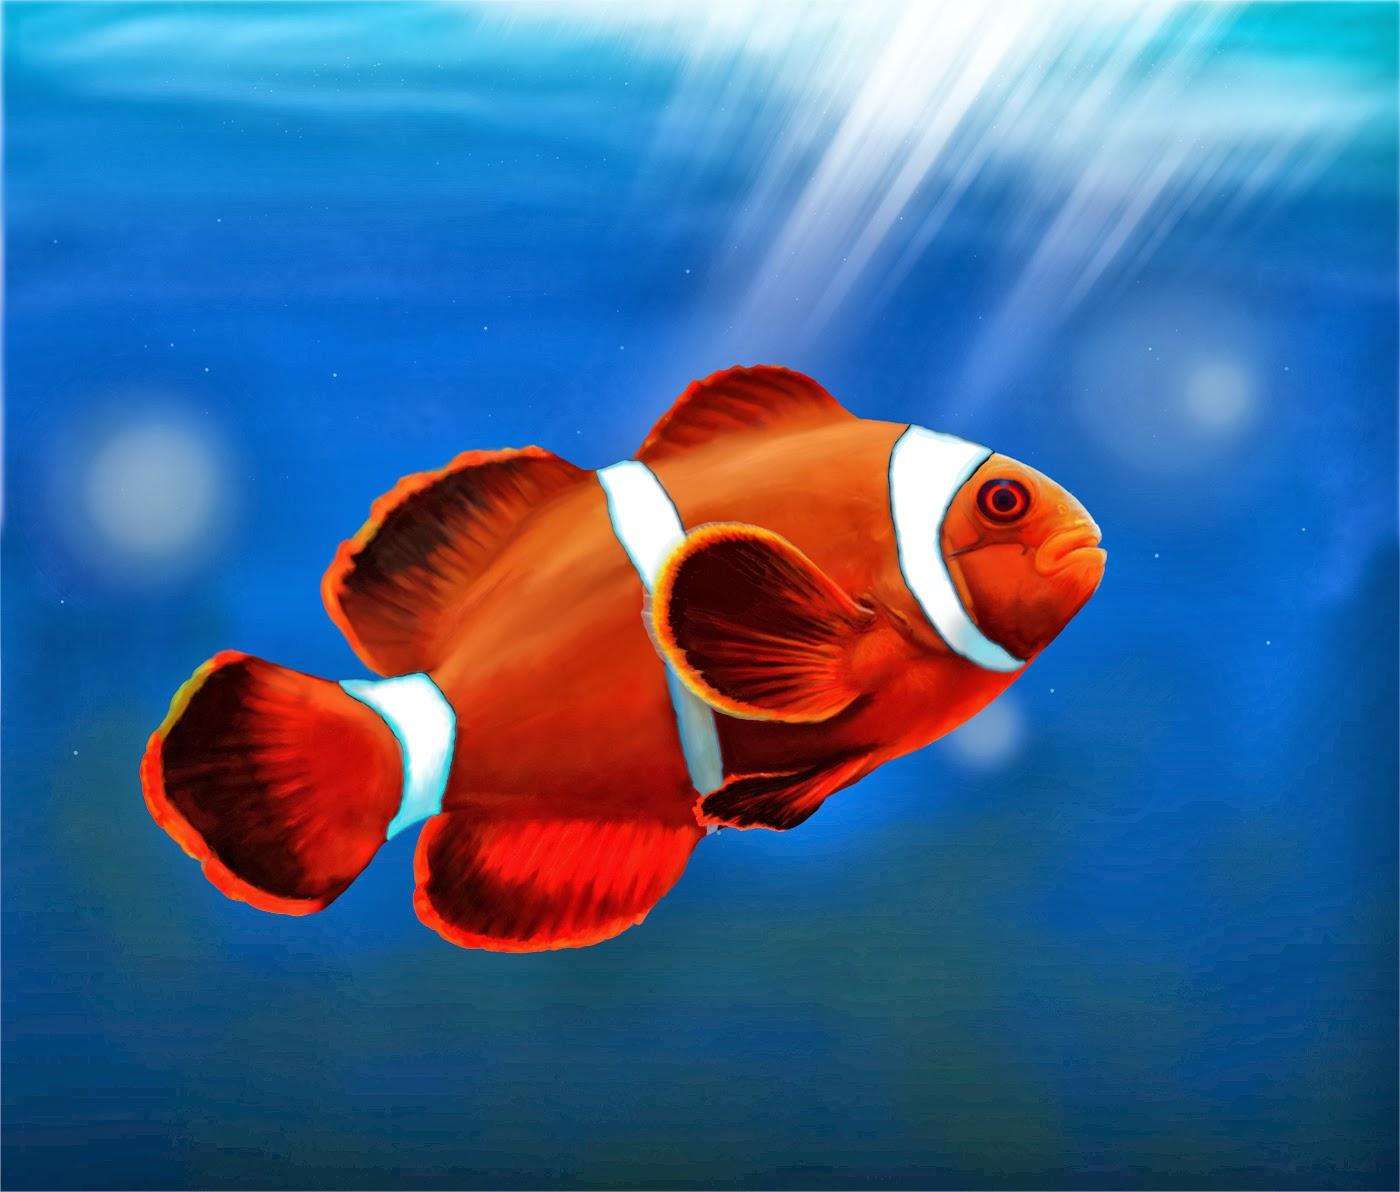 fish share